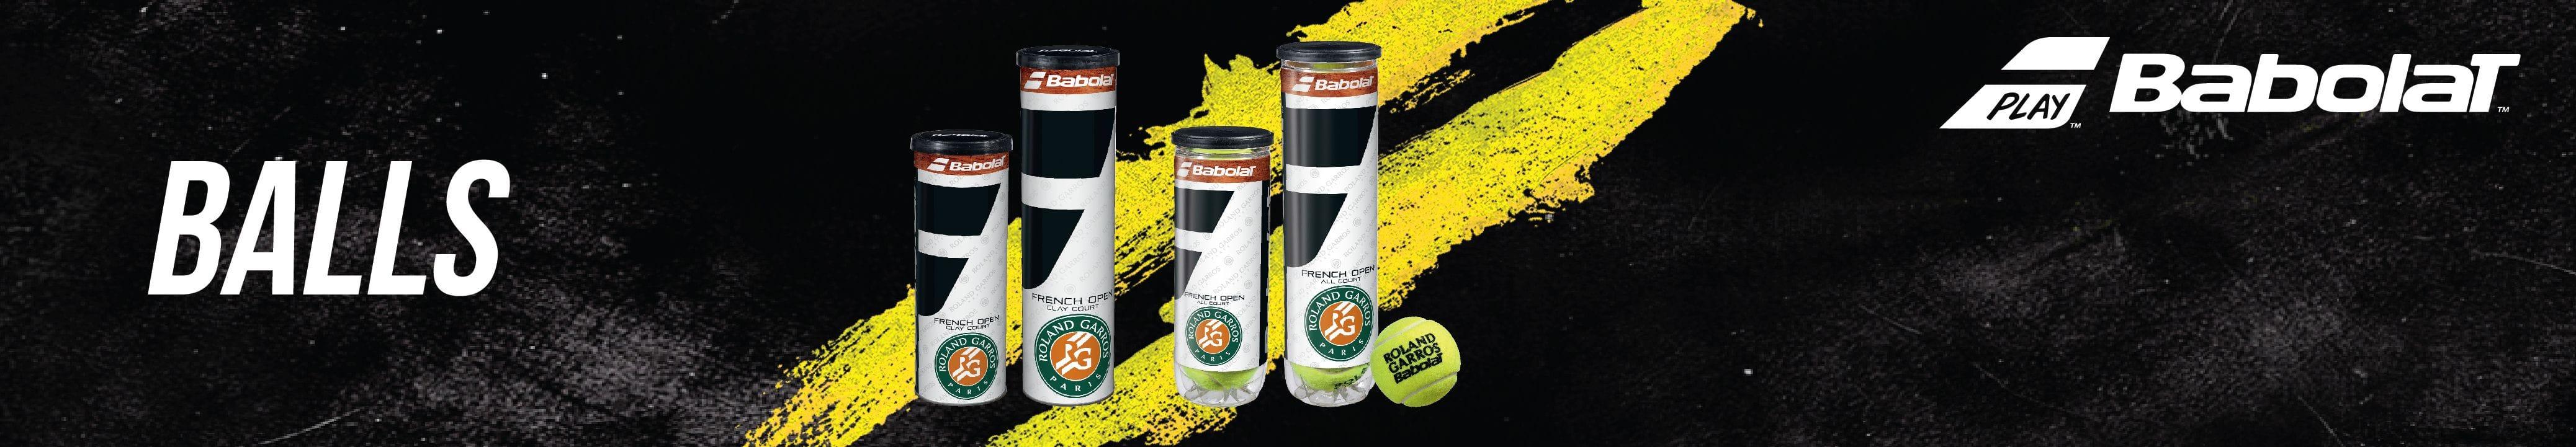 Tennisballen Babolat